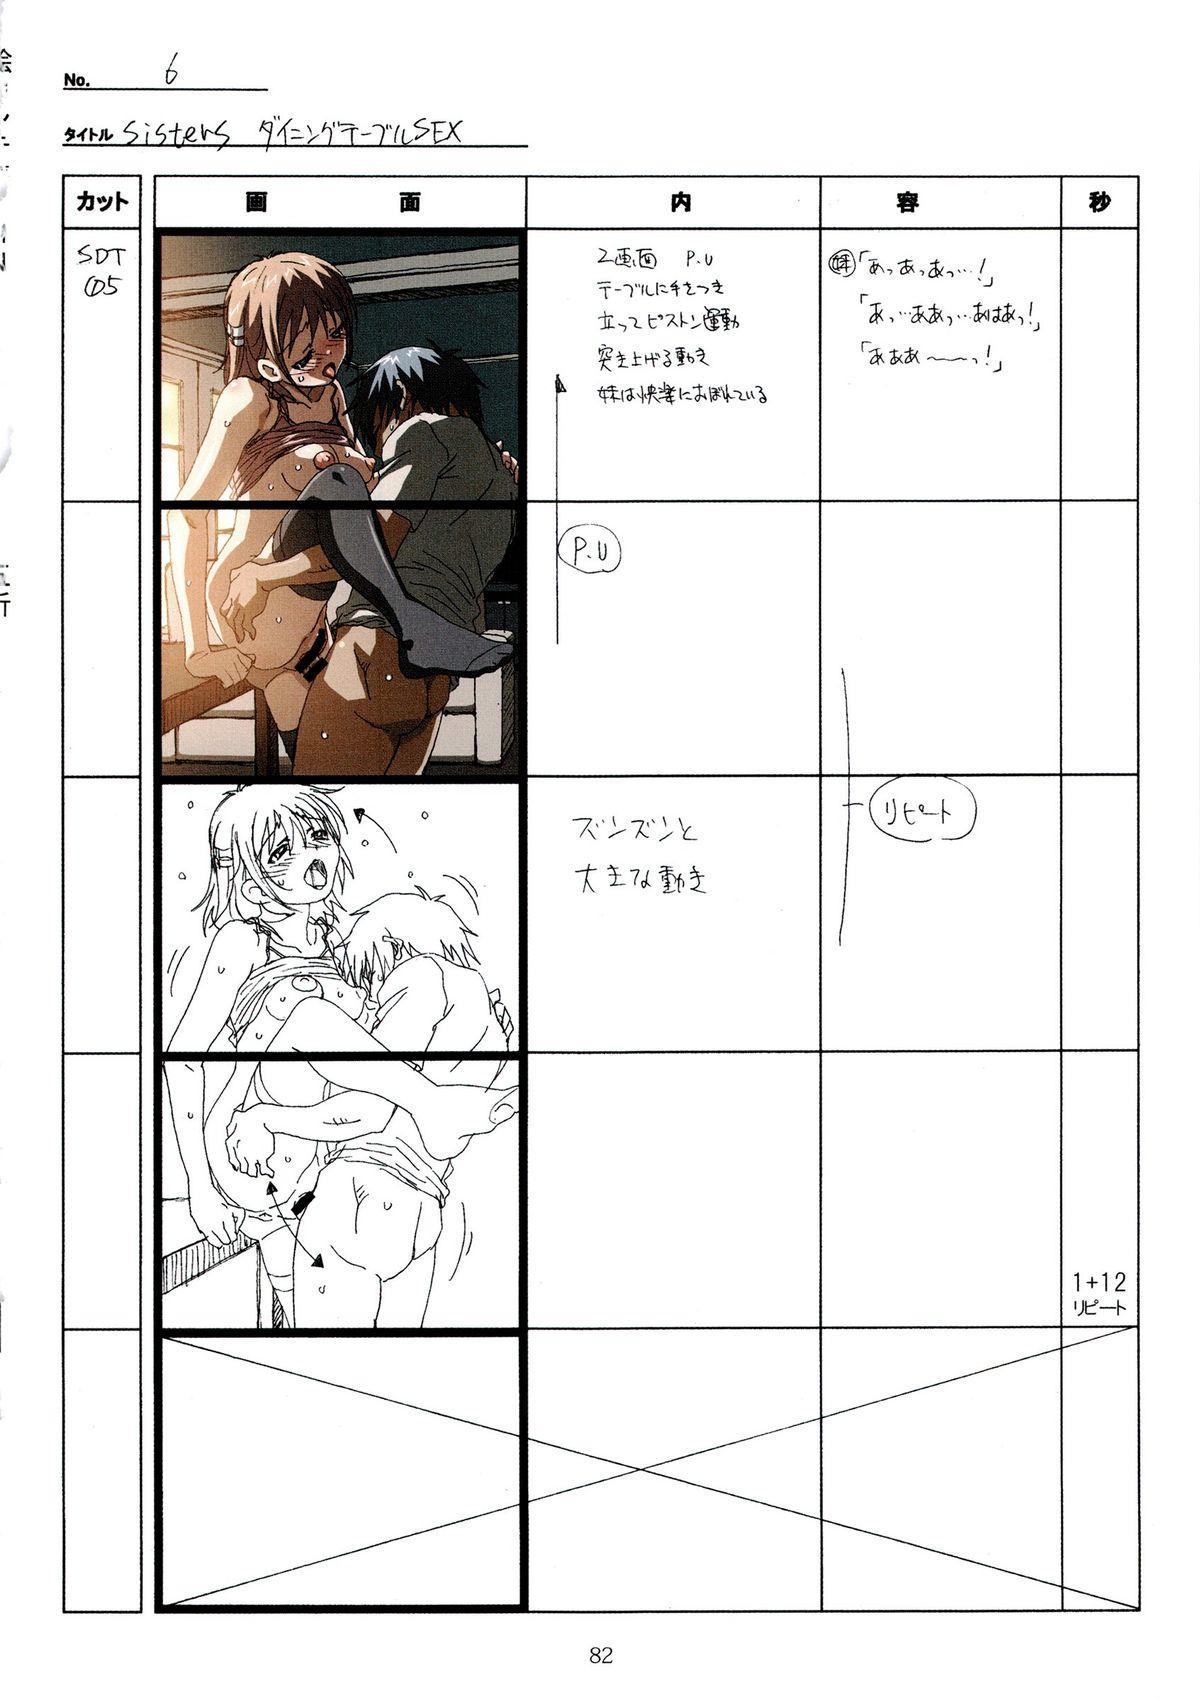 (C89) [Makino Jimusho (Taki Minashika)] SISTERS -Natsu no Saigo no Hi- H Scene All Part Storyboard (SISTERS -Natsu no Saigo no Hi-) 81